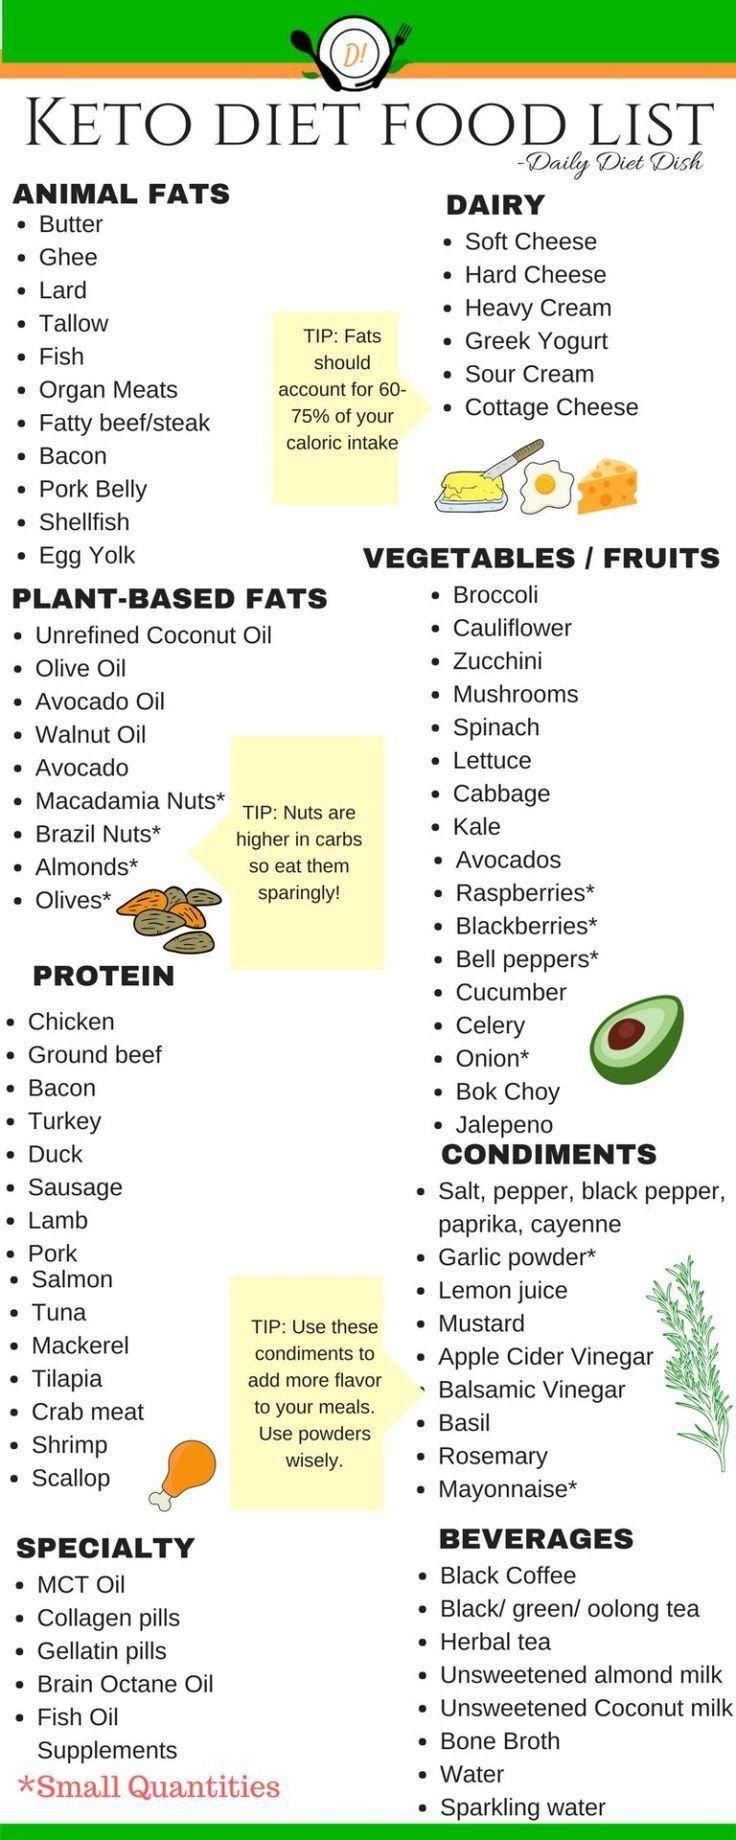 Keto food list Keto diet food list, Low carb food list